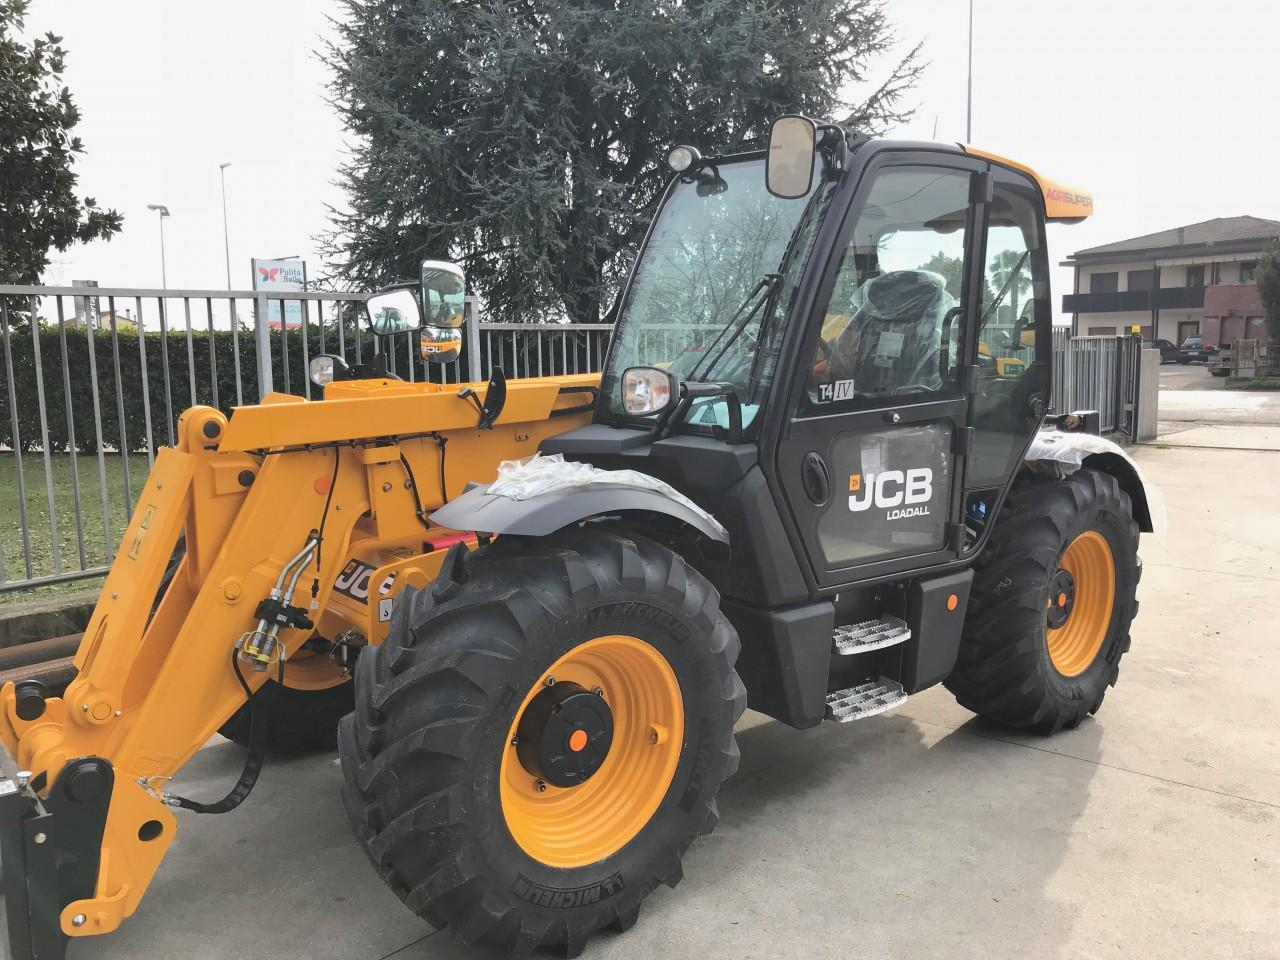 Impianto di Frenatura Pneumatico installato su trattore JCB